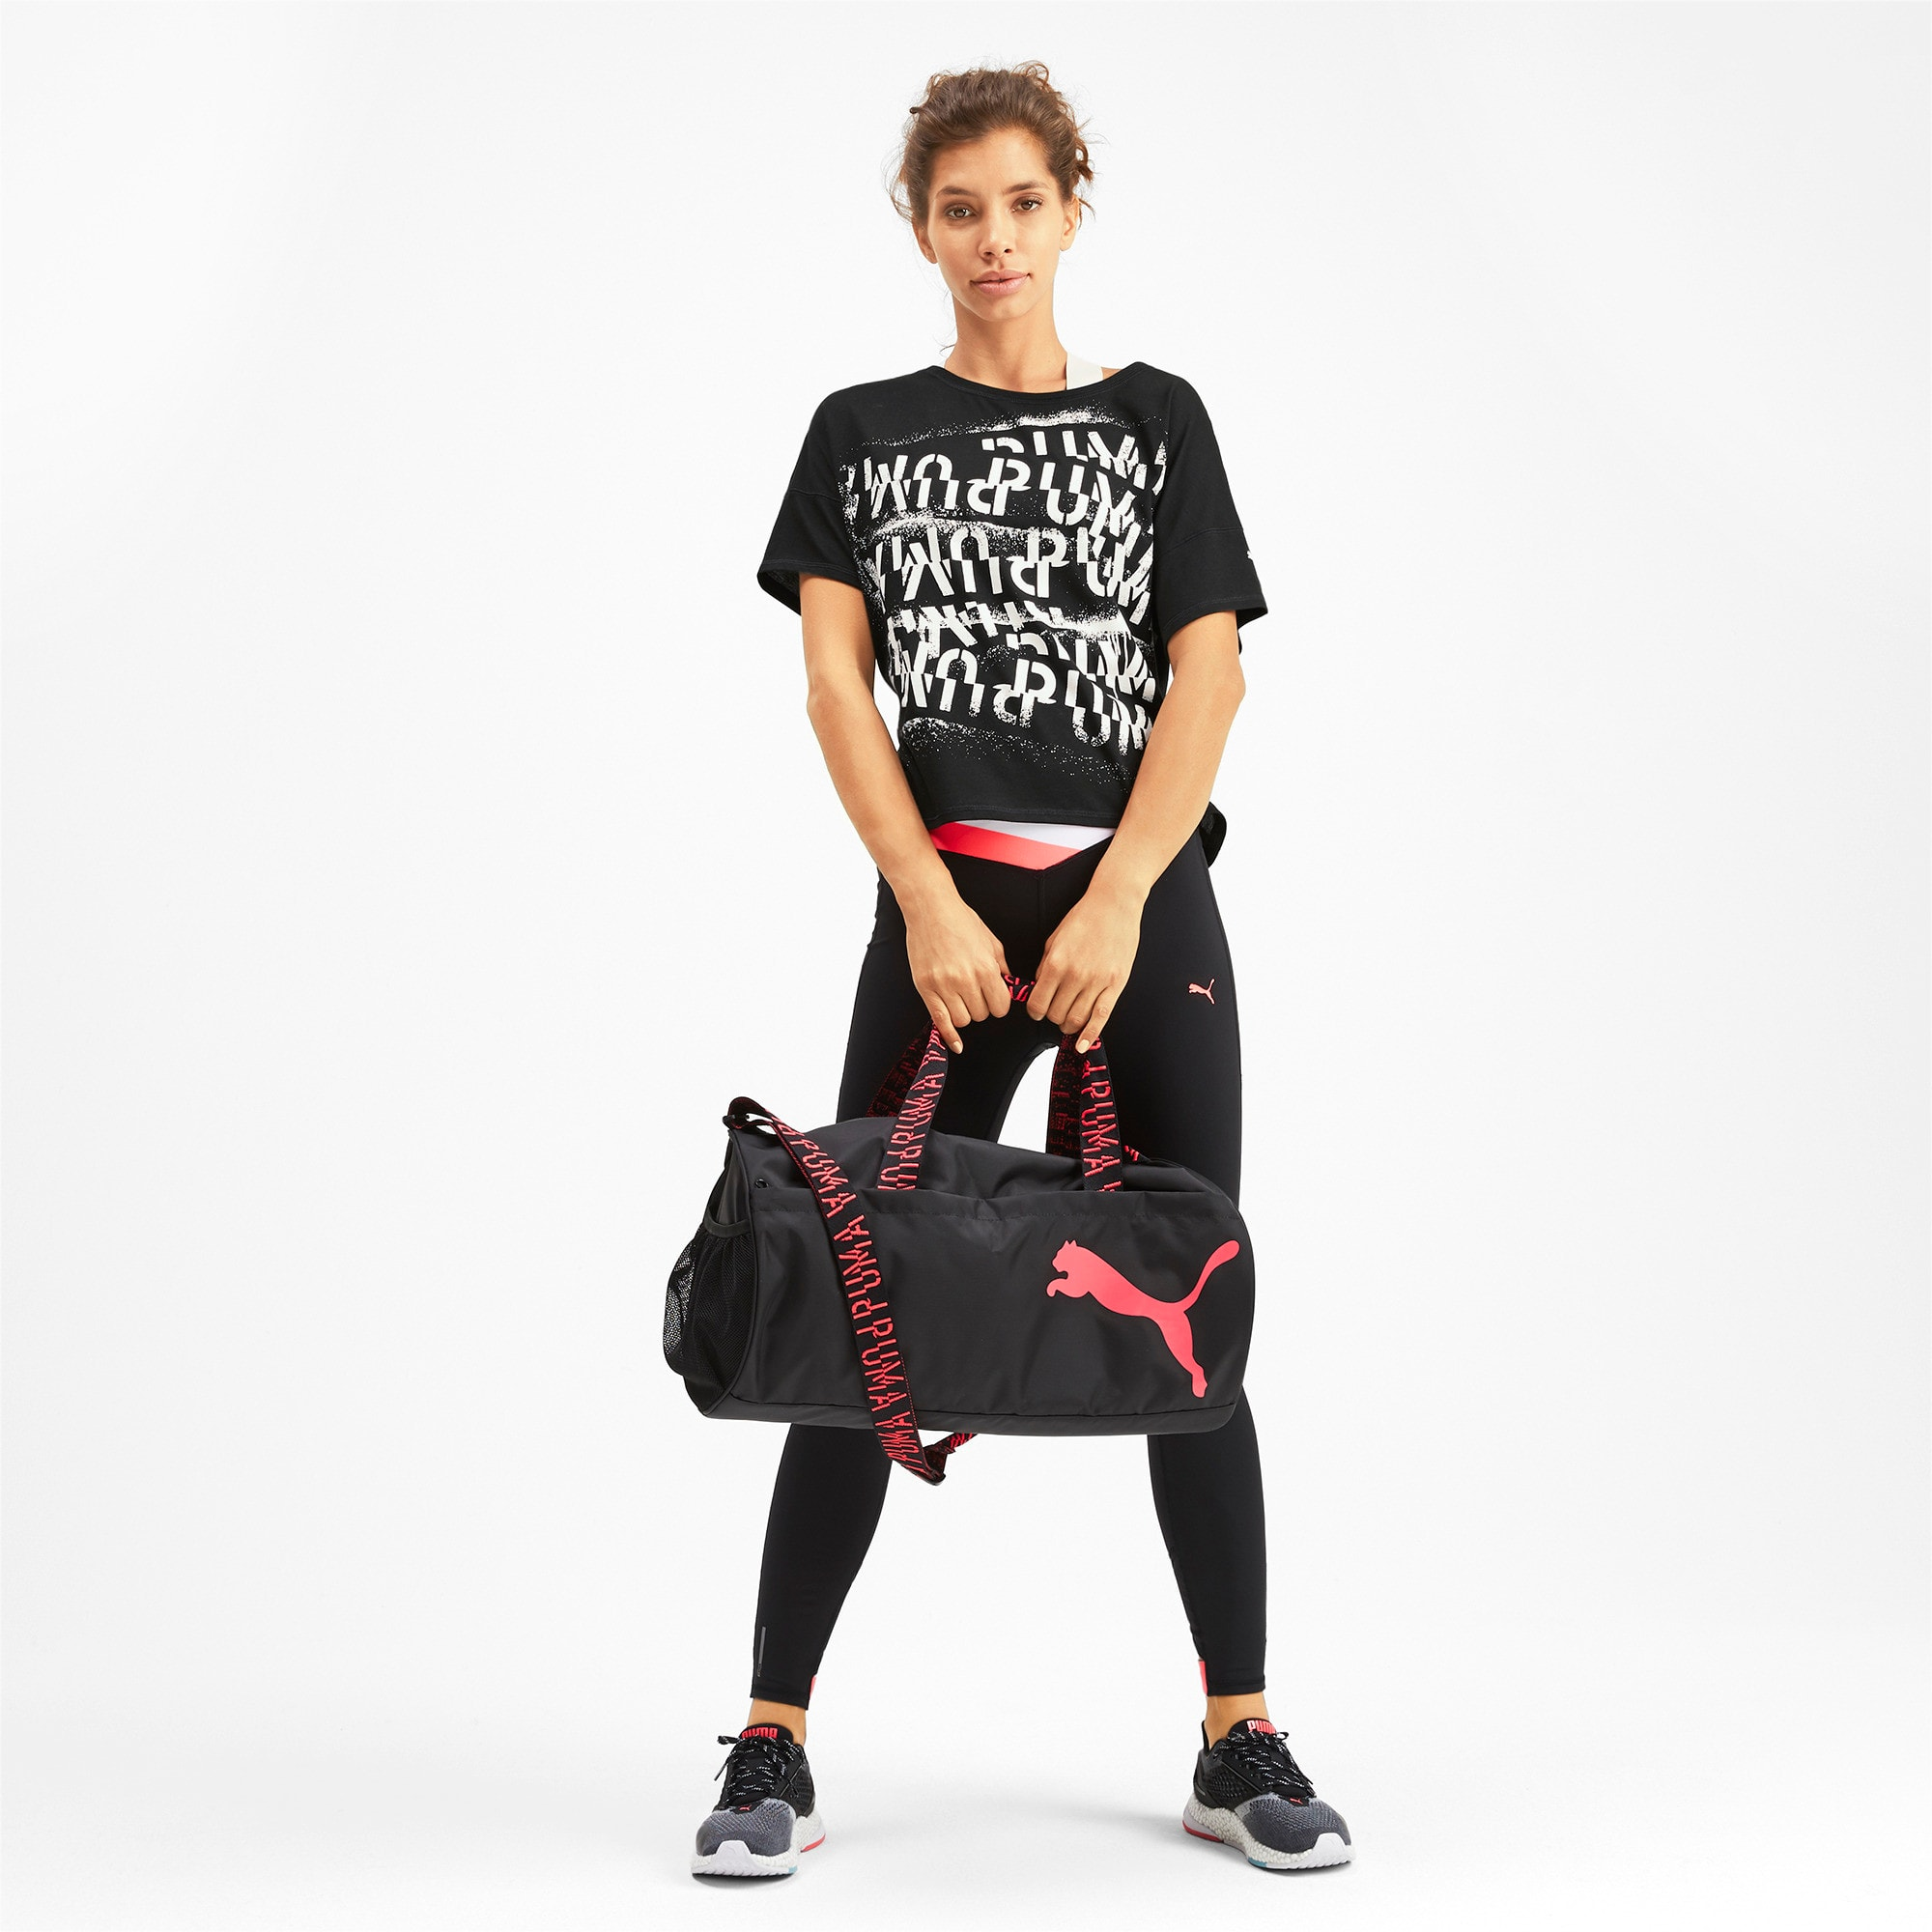 Thumbnail 4 of フィール イット SS ウィメンズ トレーニング Tシャツ 半袖, Puma Black, medium-JPN